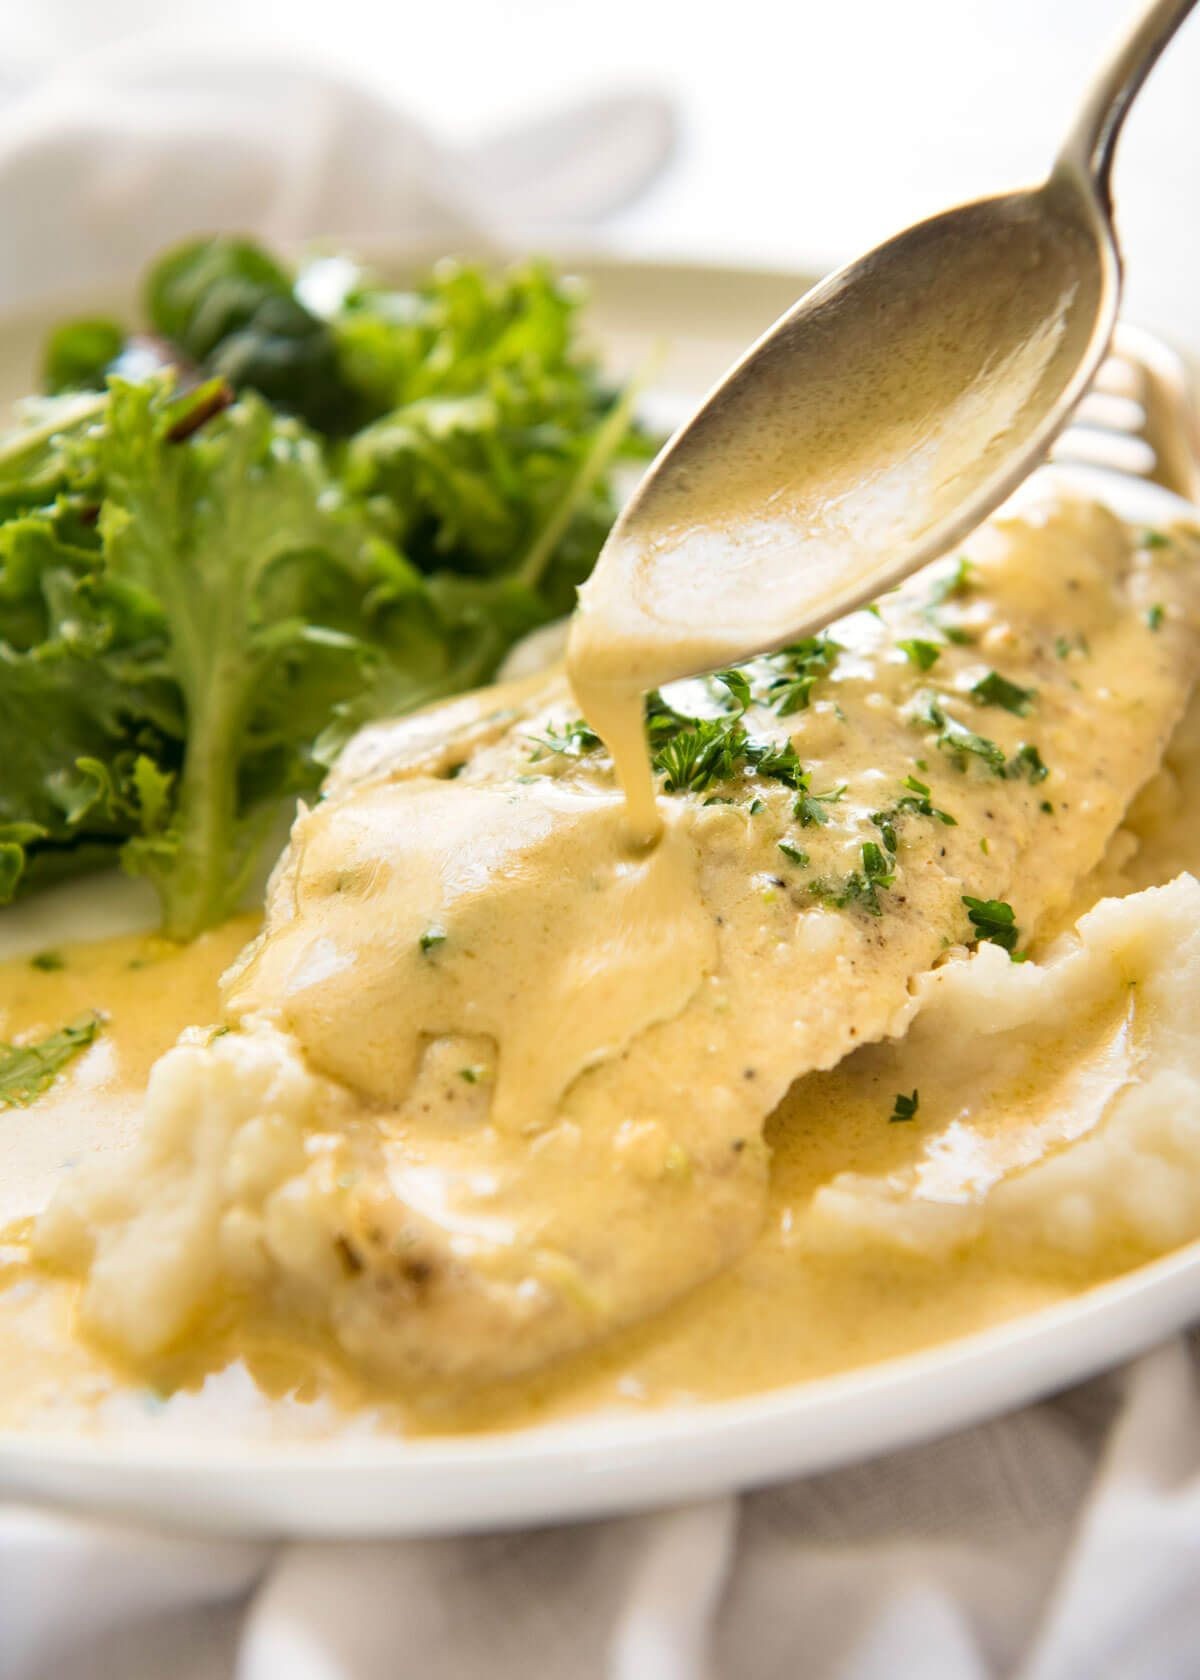 Baked Chicken Recipes Lemon Garlic